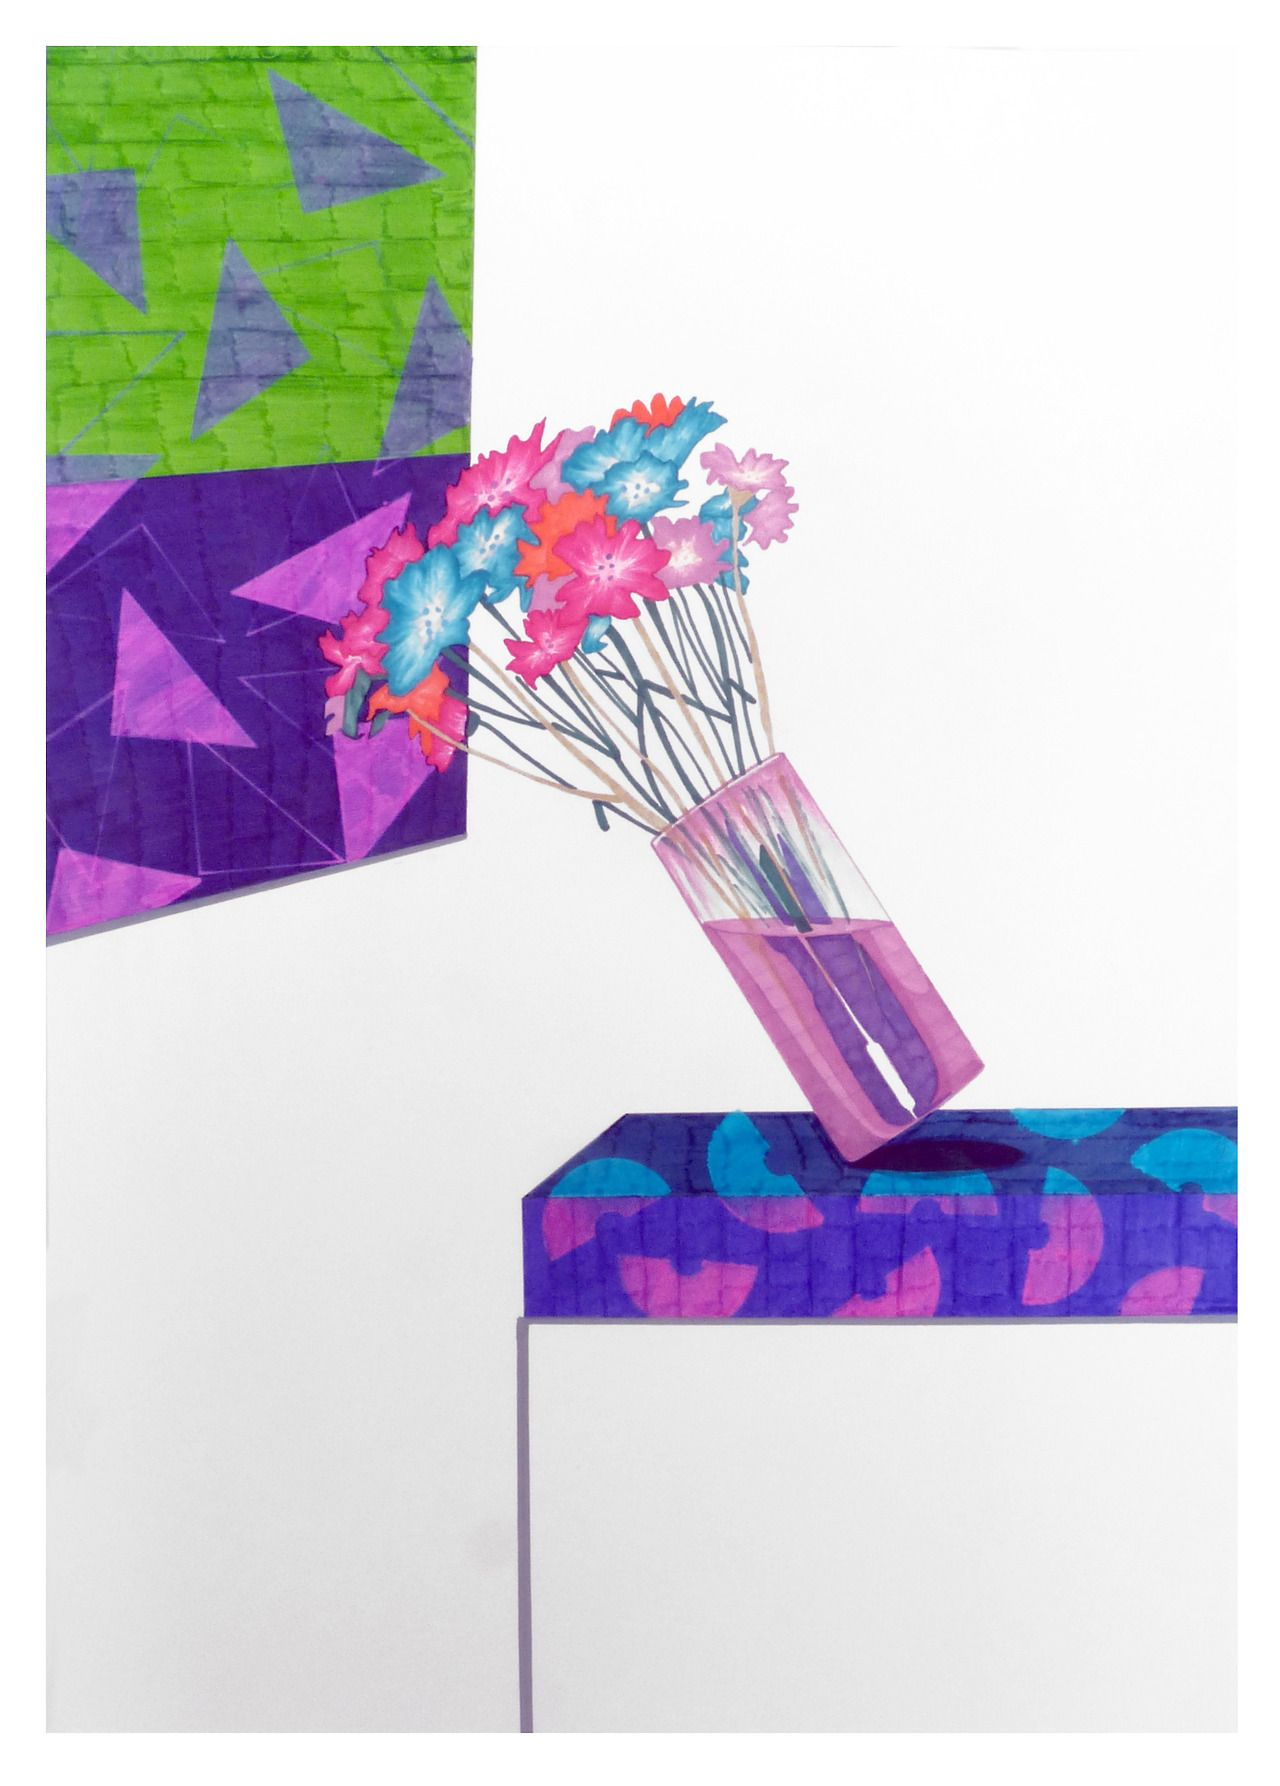 Ensayo sobre el vértigo. 2014 - Azucena González. Artists on tumblr